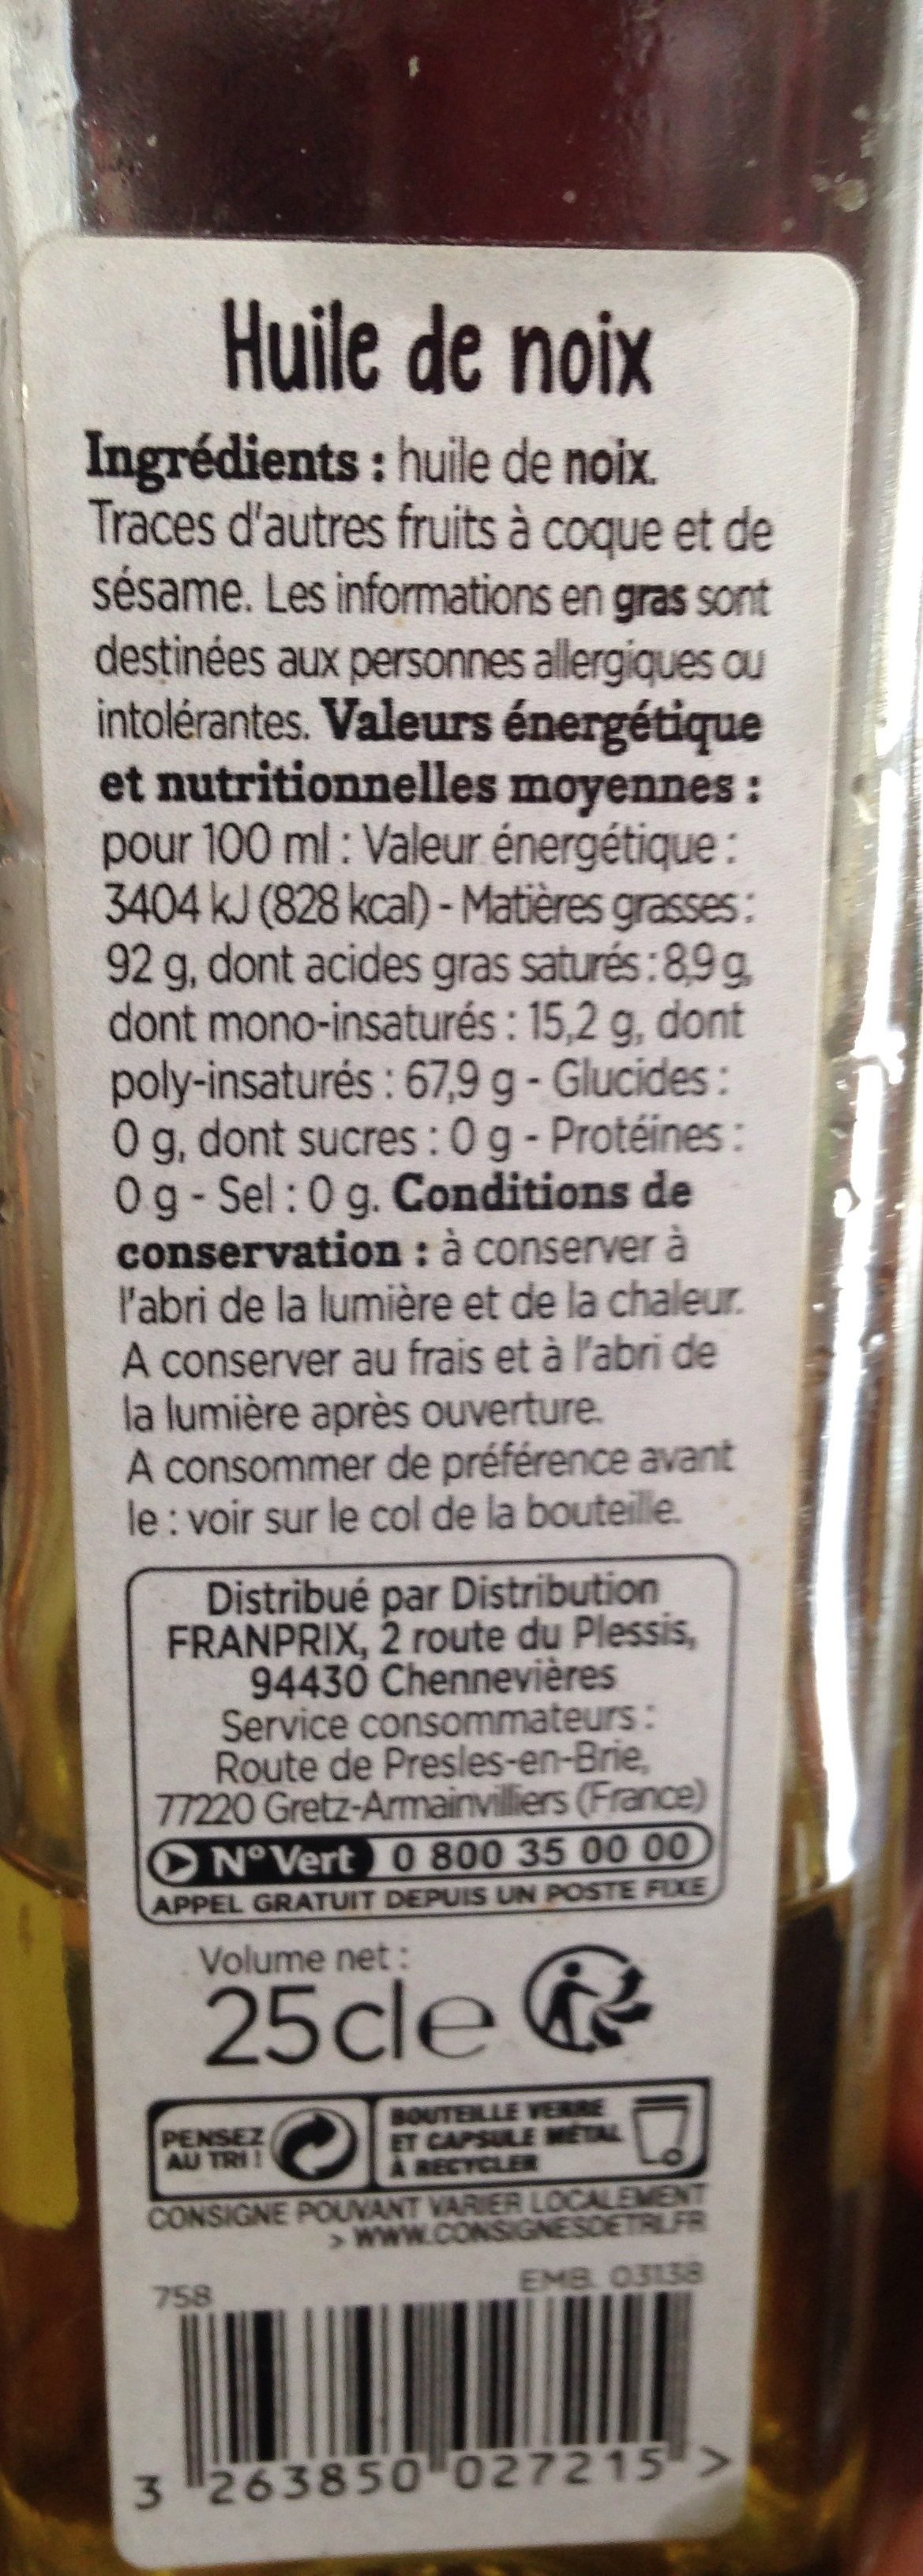 huile de noix franprix